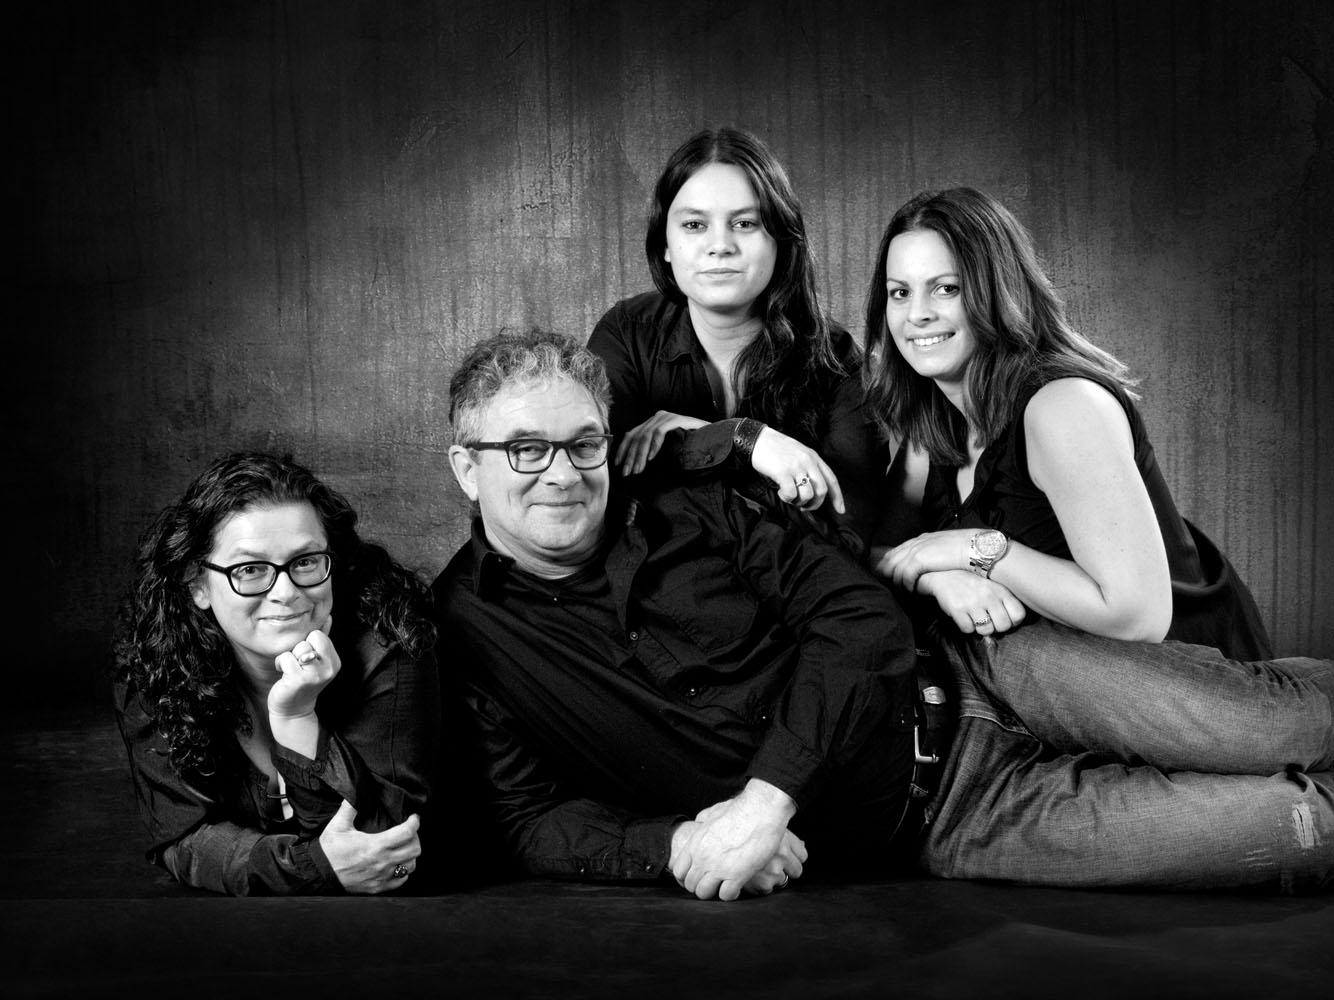 Niestadt-fotografie-Schoonhoven-studio-gezins-foto-zwart-wit